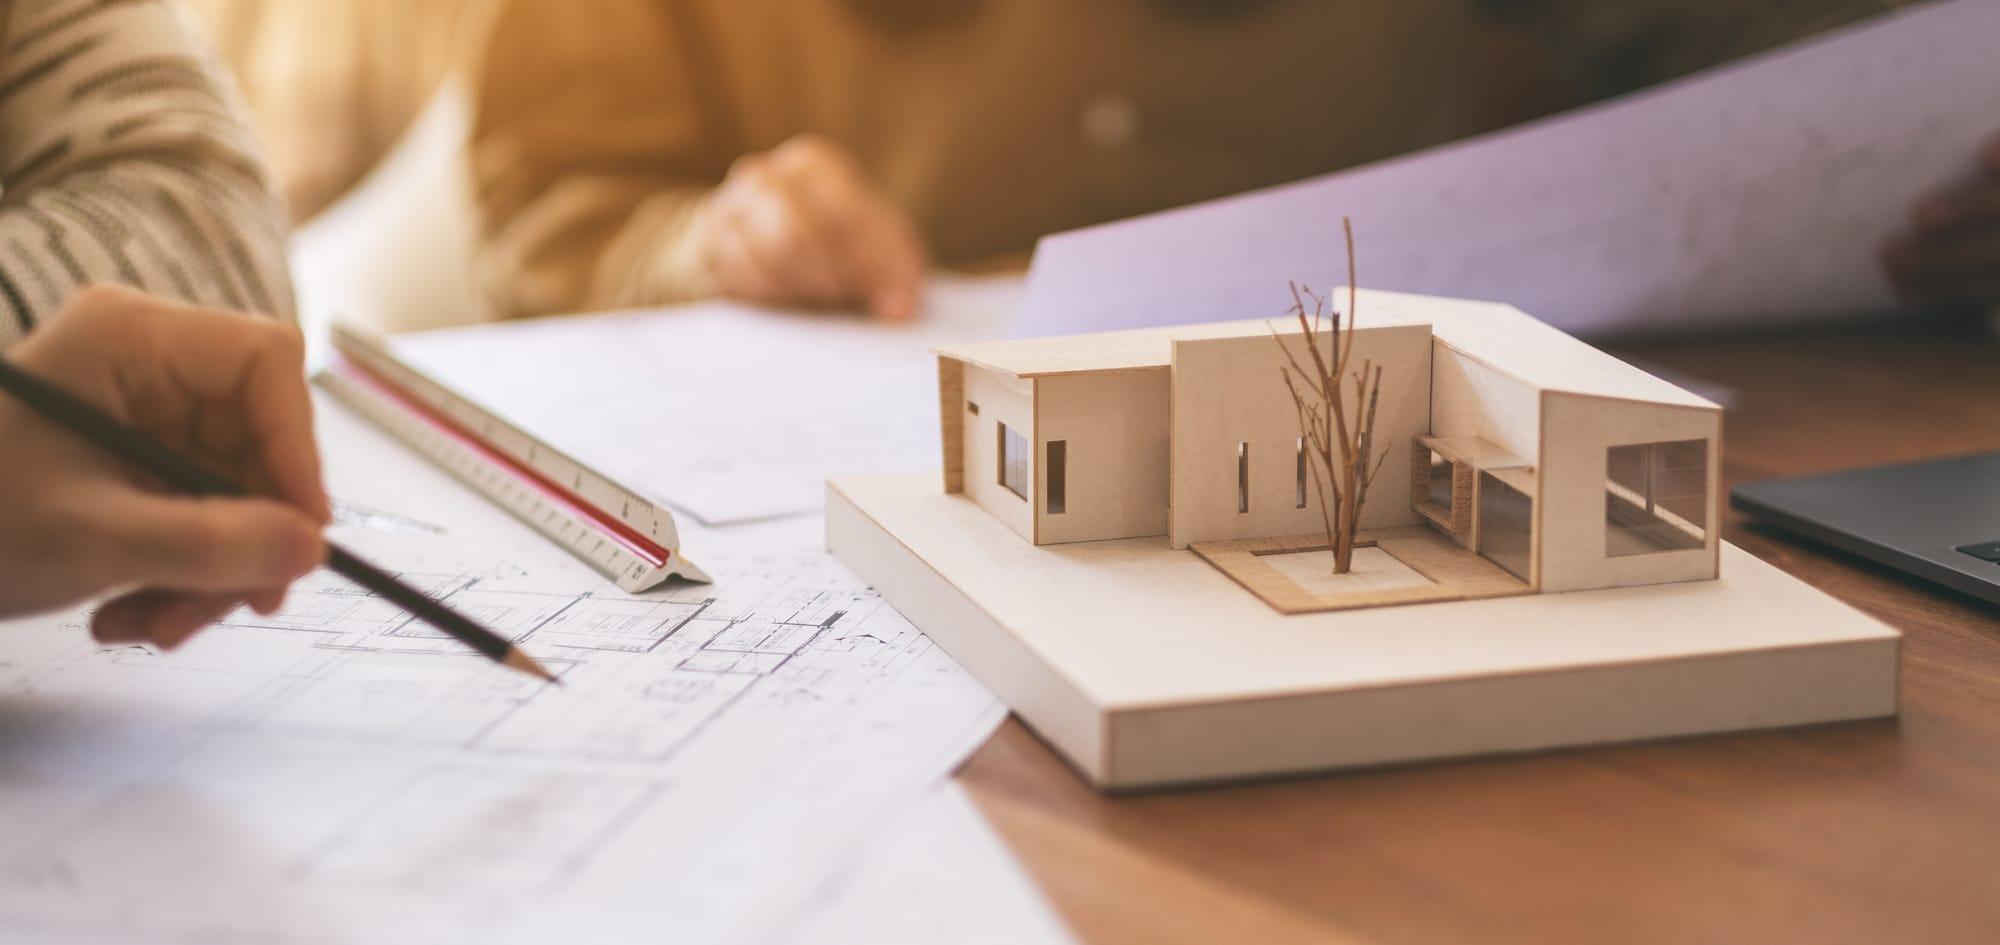 Beispiel einer Immobilienberatung